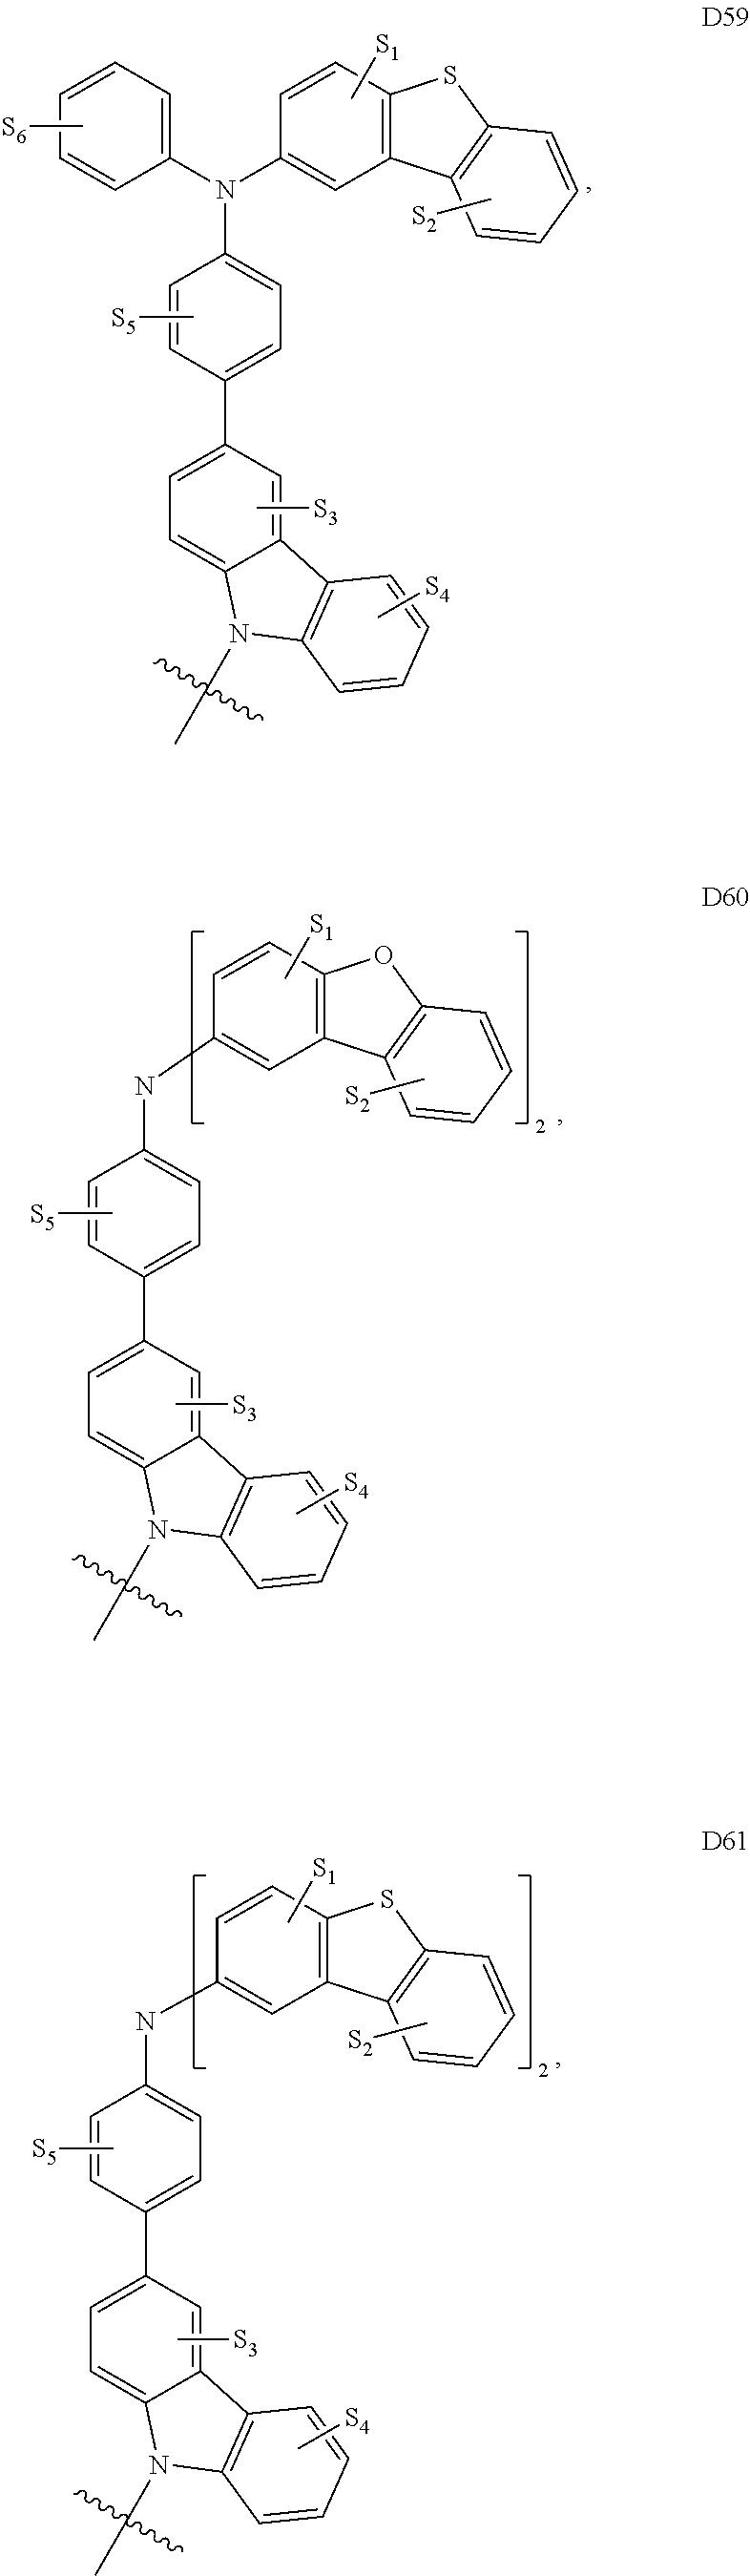 Figure US09537106-20170103-C00486